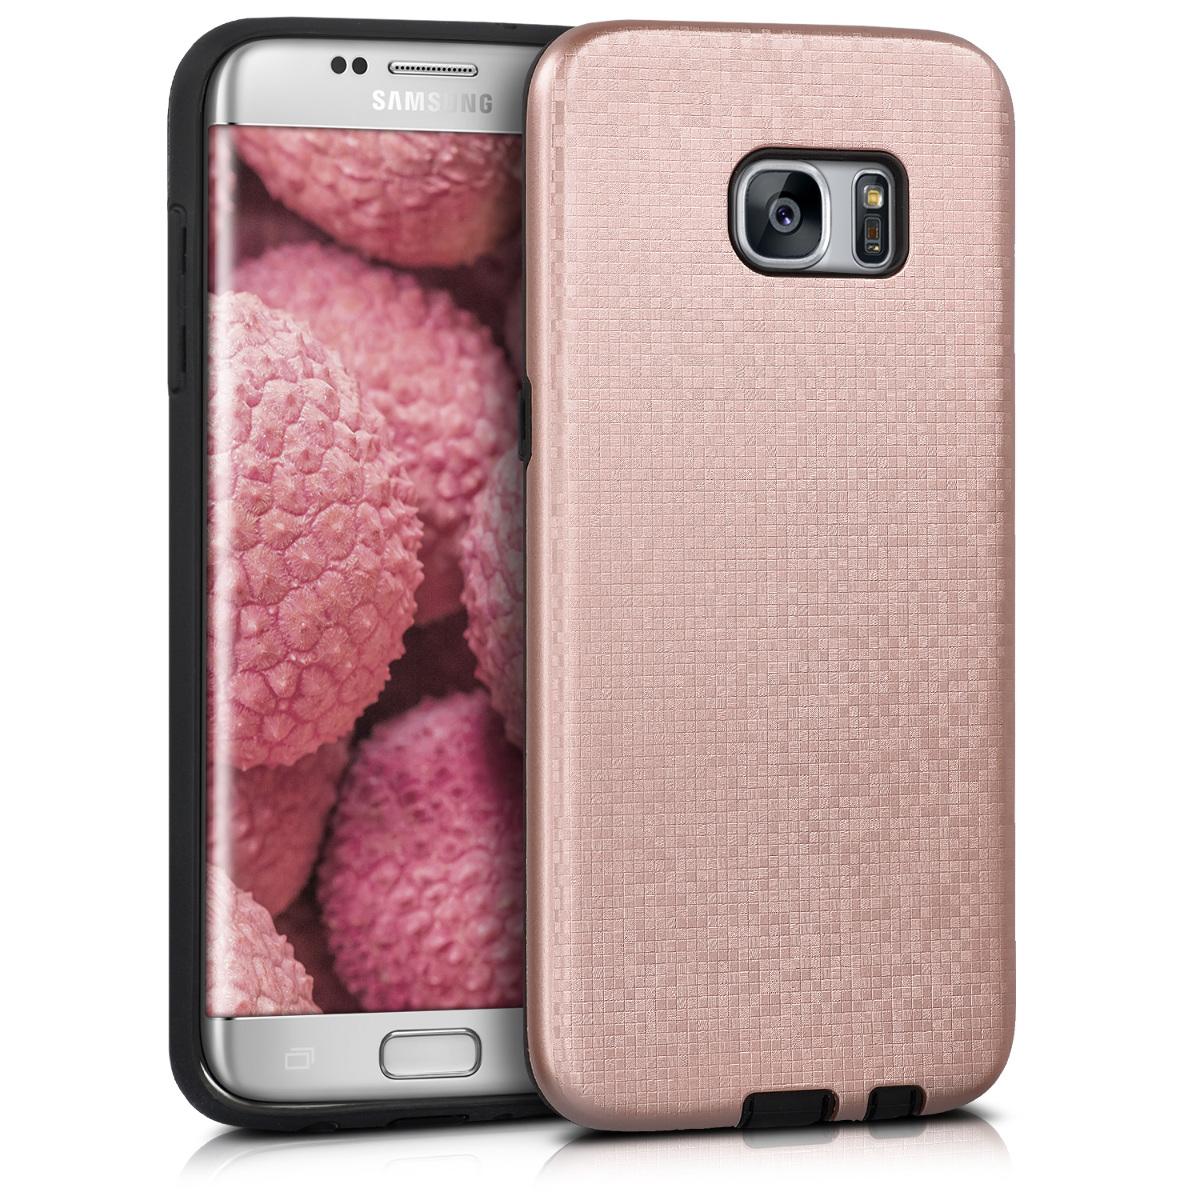 Kvalitní plastové pouzdro pro Samsung S7 Edge - Hybrid Pattern starorůžové rosegold / černé